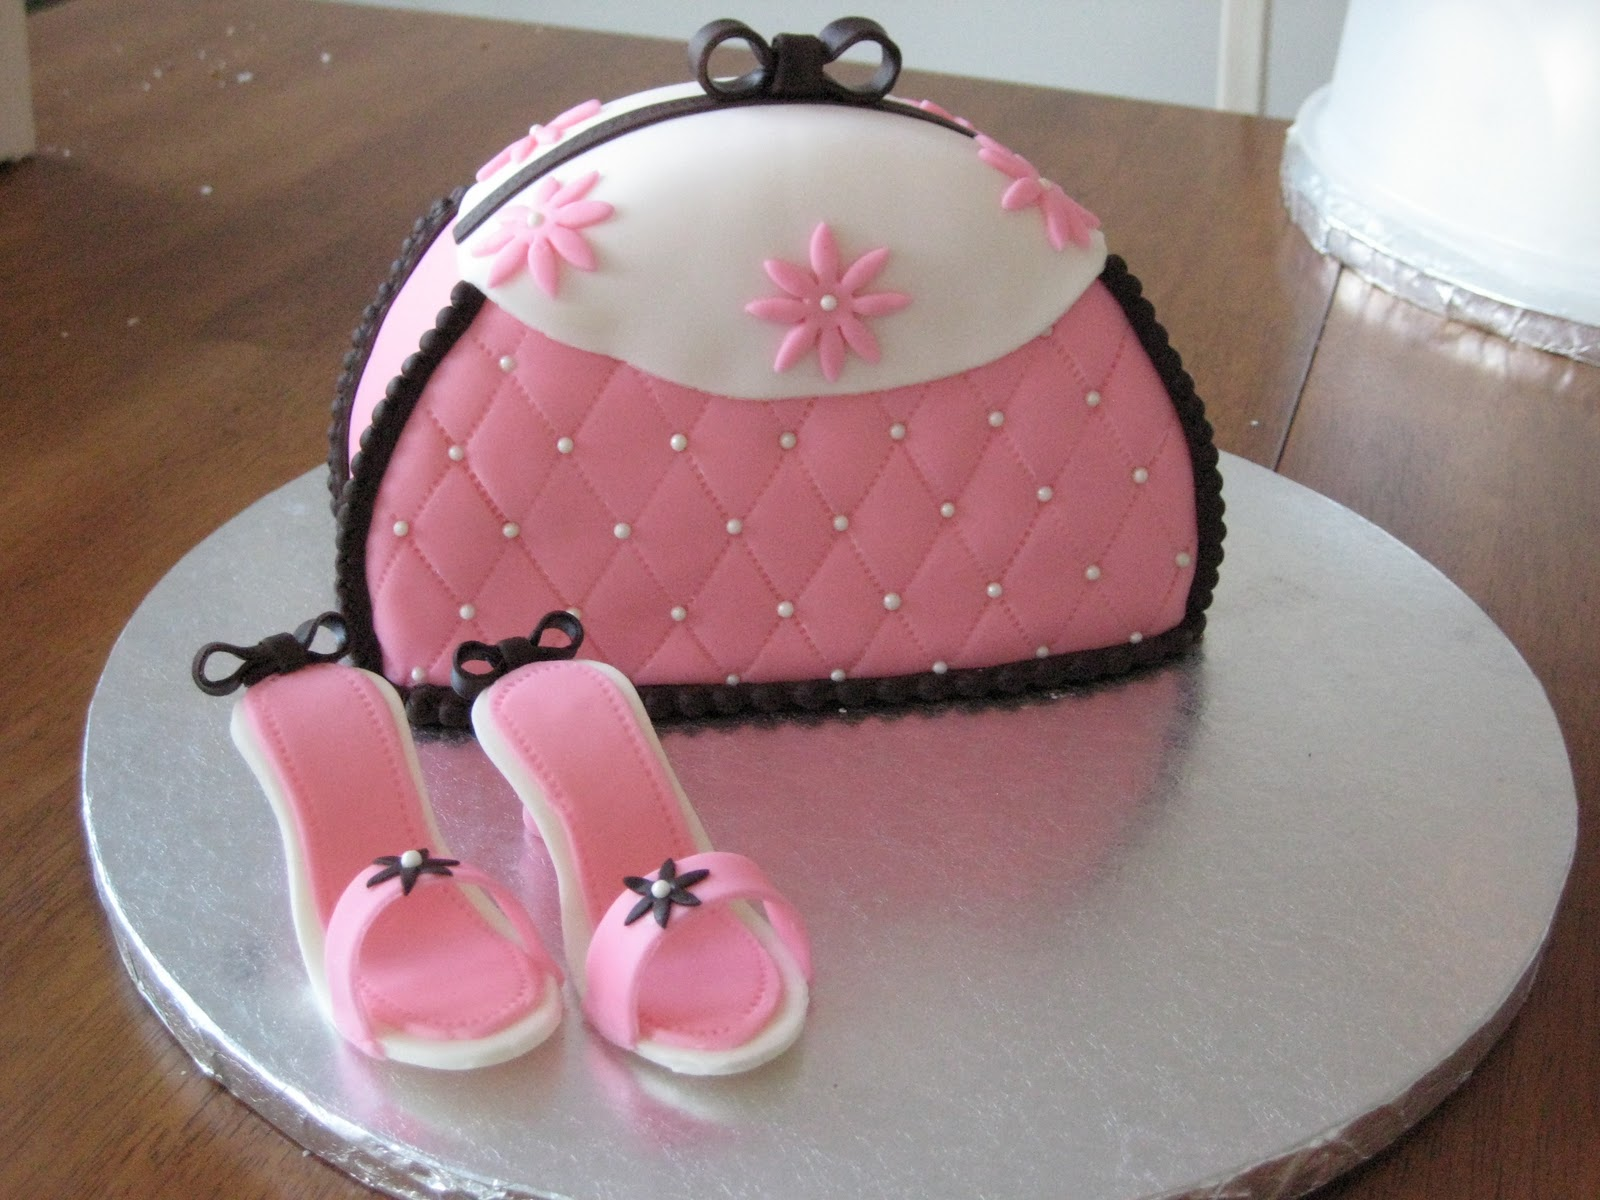 Voluntier Cakes: Fondant Cakes